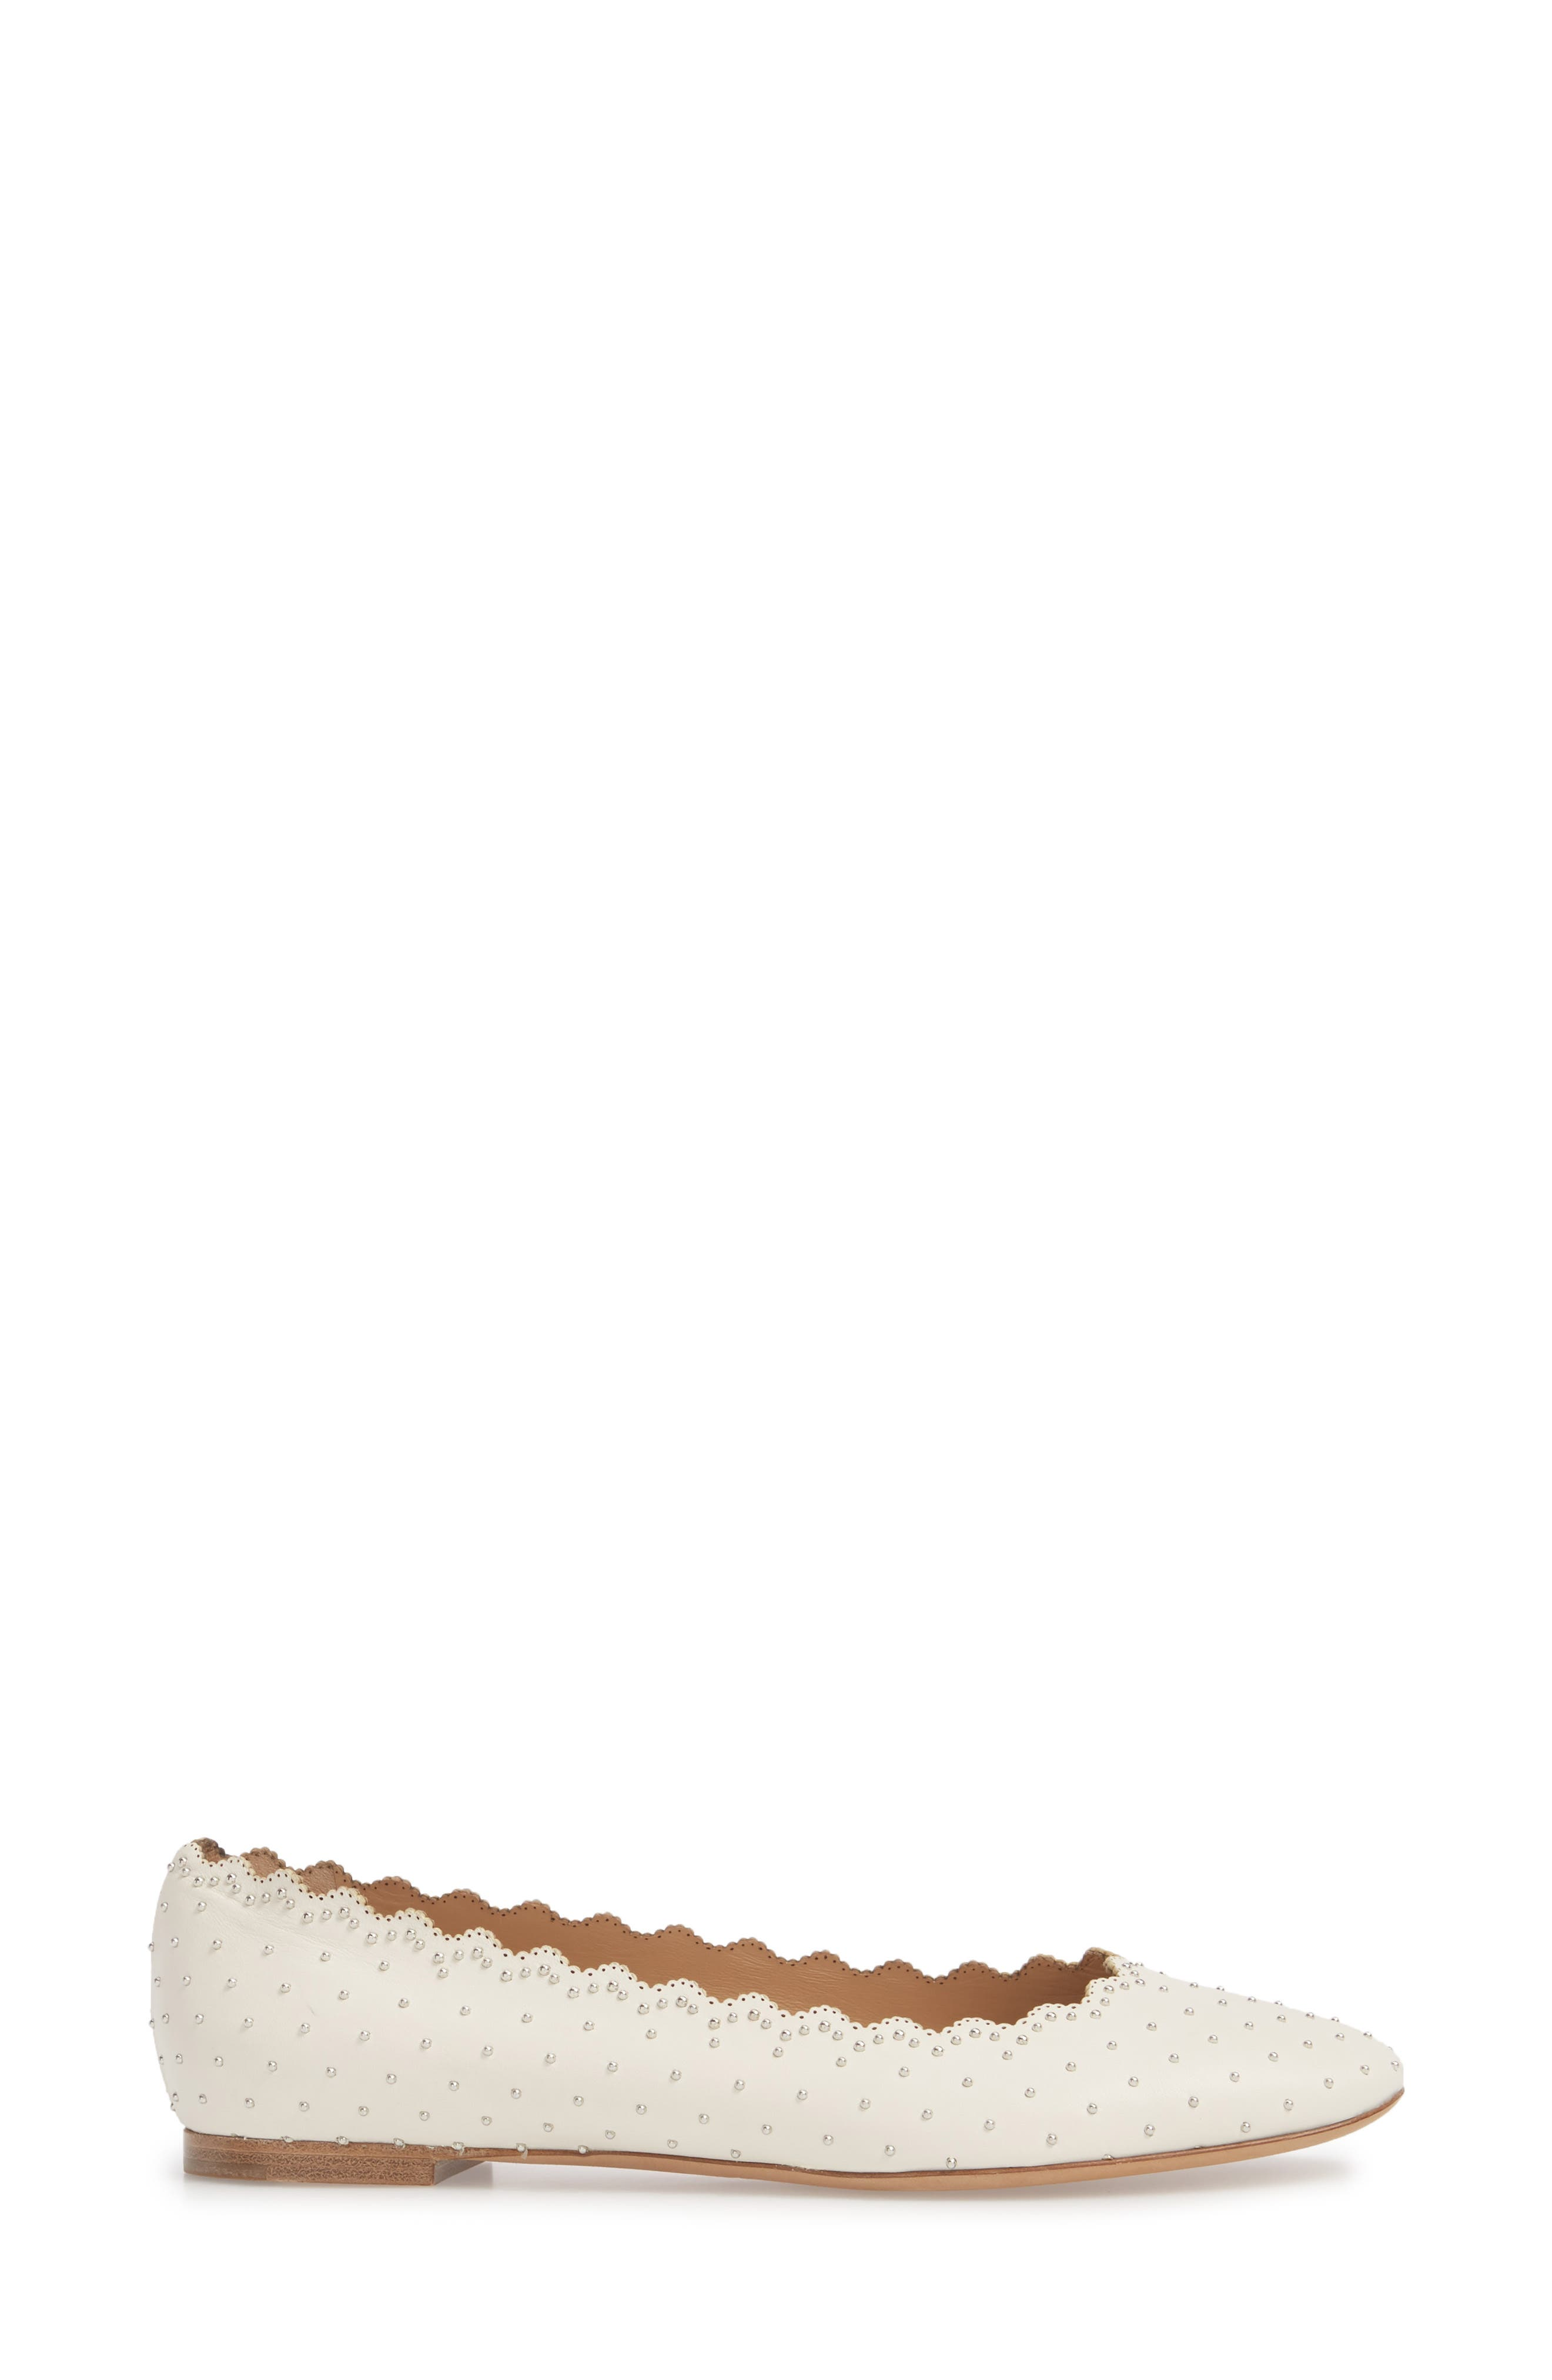 Lauren Studded Ballet Flat,                             Alternate thumbnail 3, color,                             White